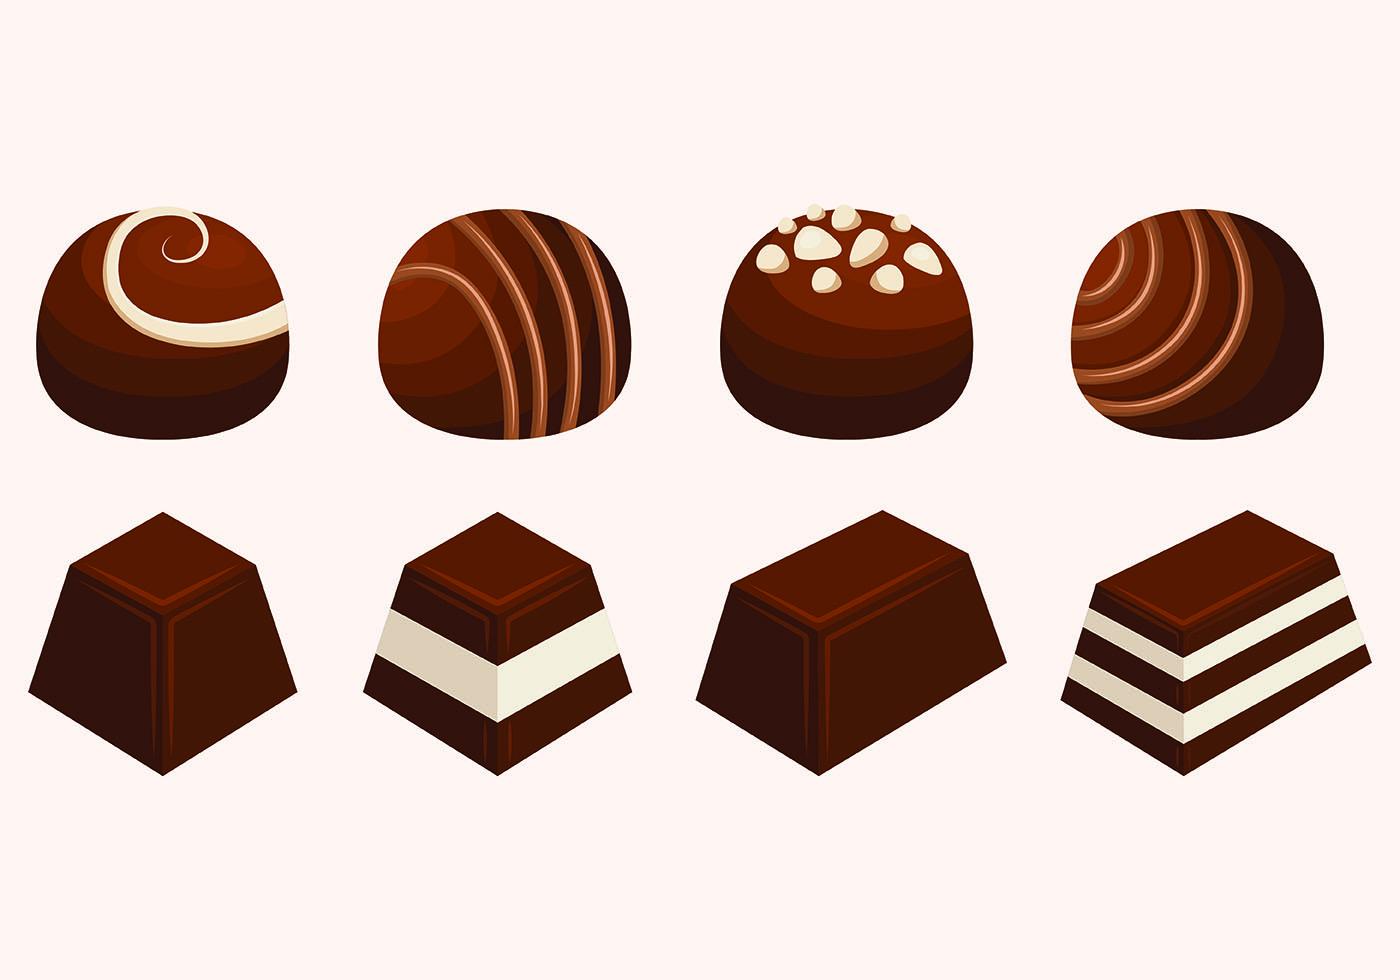 卡通巧克力 免費下載 | 天天瘋後製